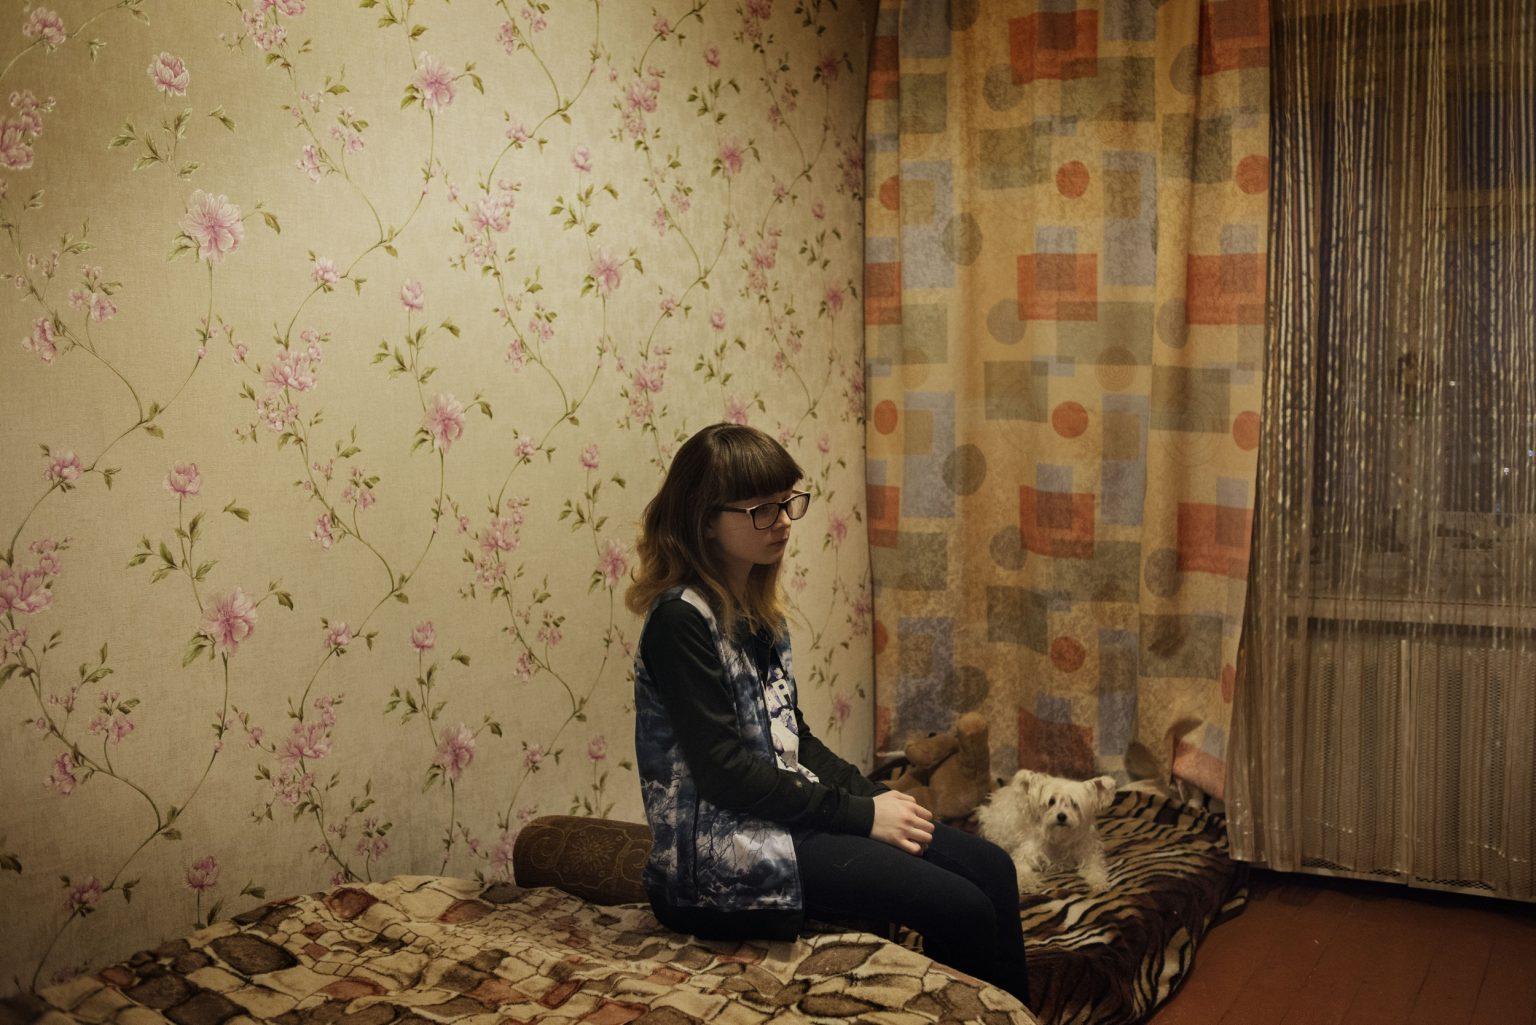 Yekaterinburg, Russia, March 2016 - Diana in the flat where she's living with her grandmother. Her mother Olga died in 2015 due to the long use of Krokodil. >< Yekaterinburg, Russia, marzo 2016 - Diana siede nell'appartamento dove vive con la nonna. Sua madre Zhanna è morta nel 2015 a causa di un uso prolungato di Krokodil.